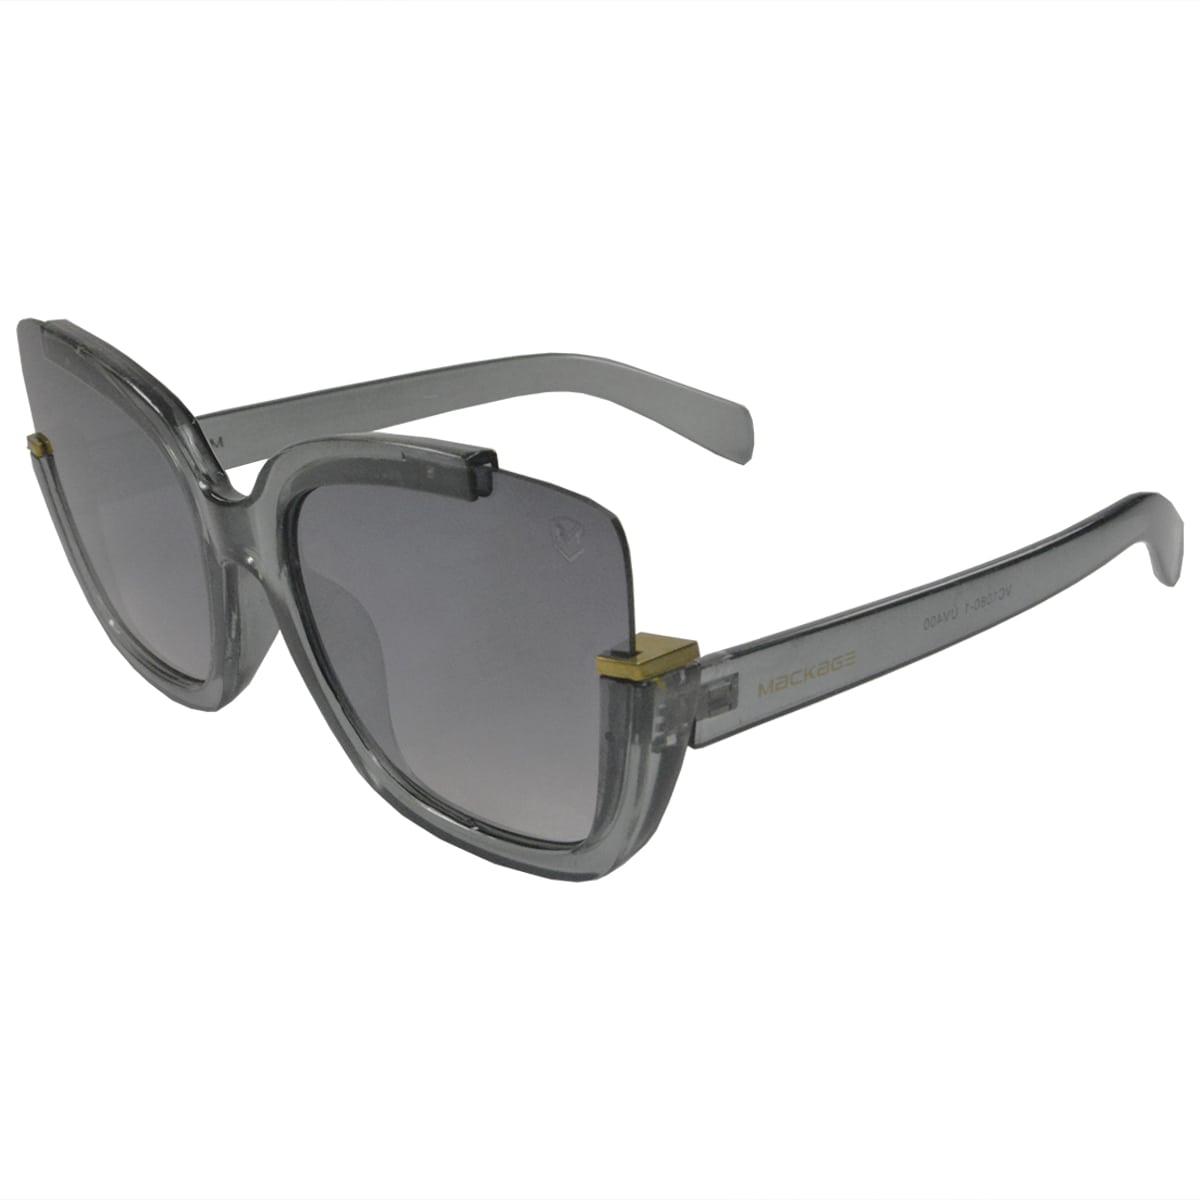 Óculos De Sol Mackage Feminino Acetato Gateado Oversize - Cinza Cristal